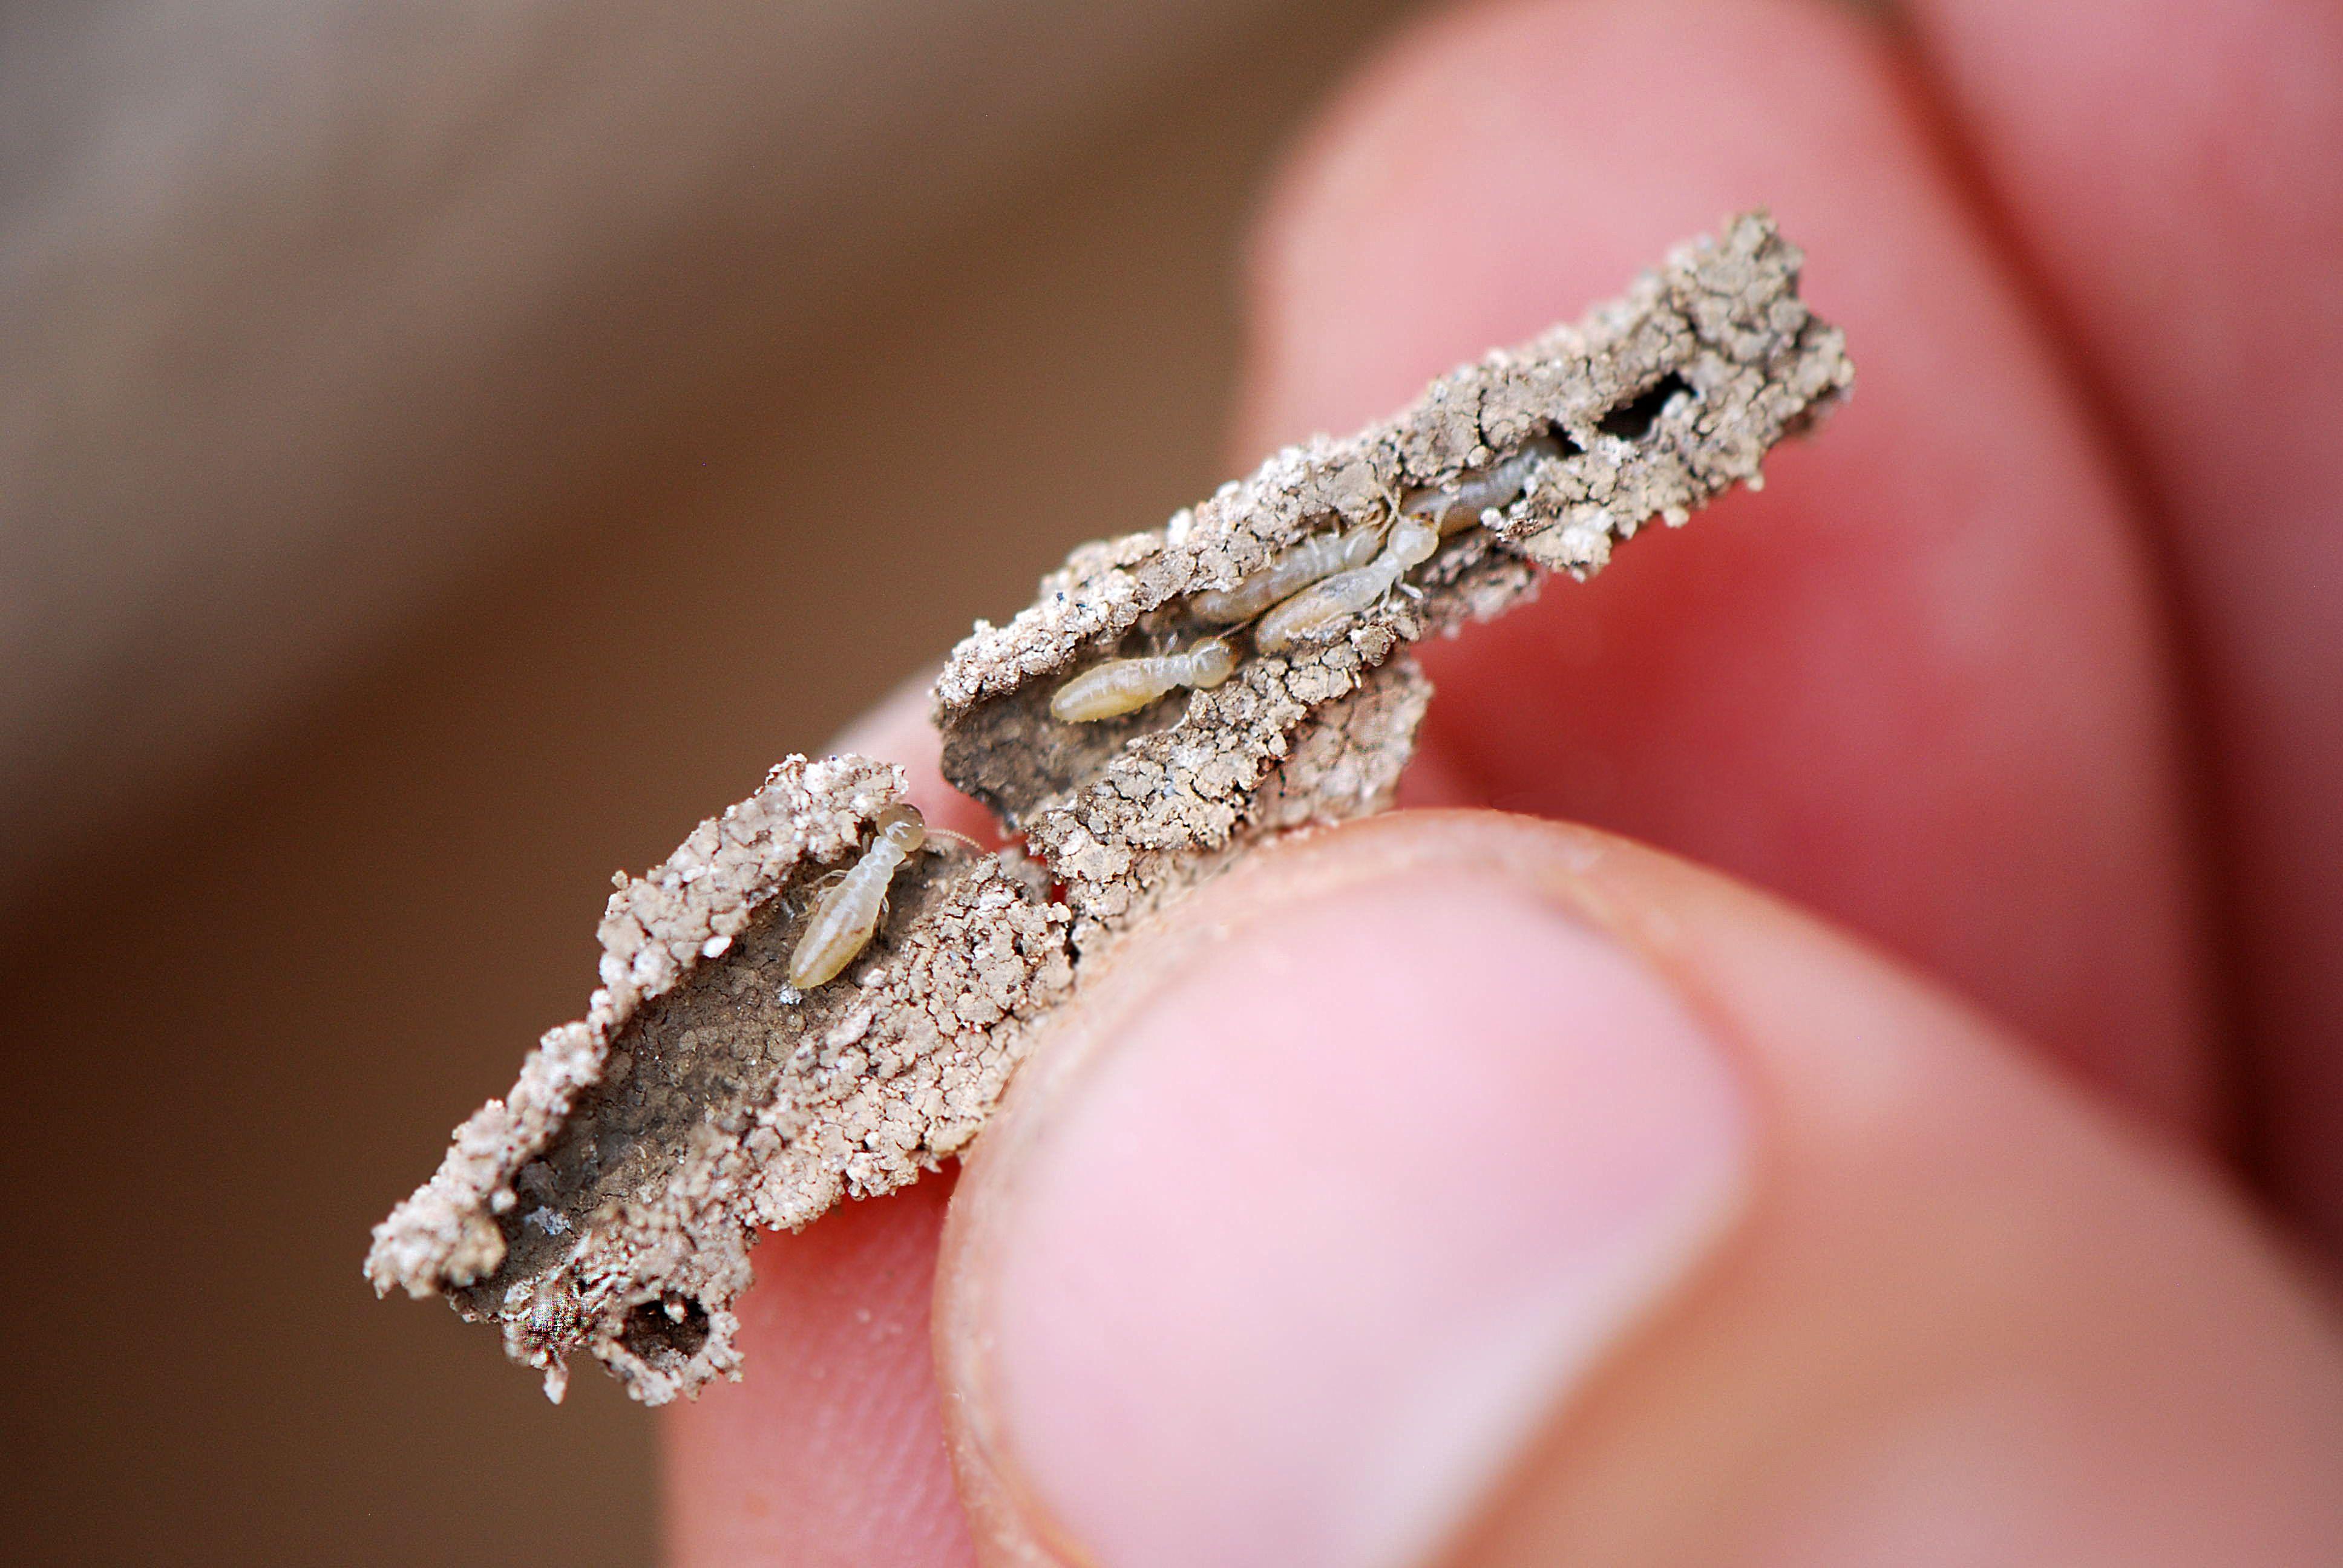 Termites in Termite tube PestControl PestControlTucson